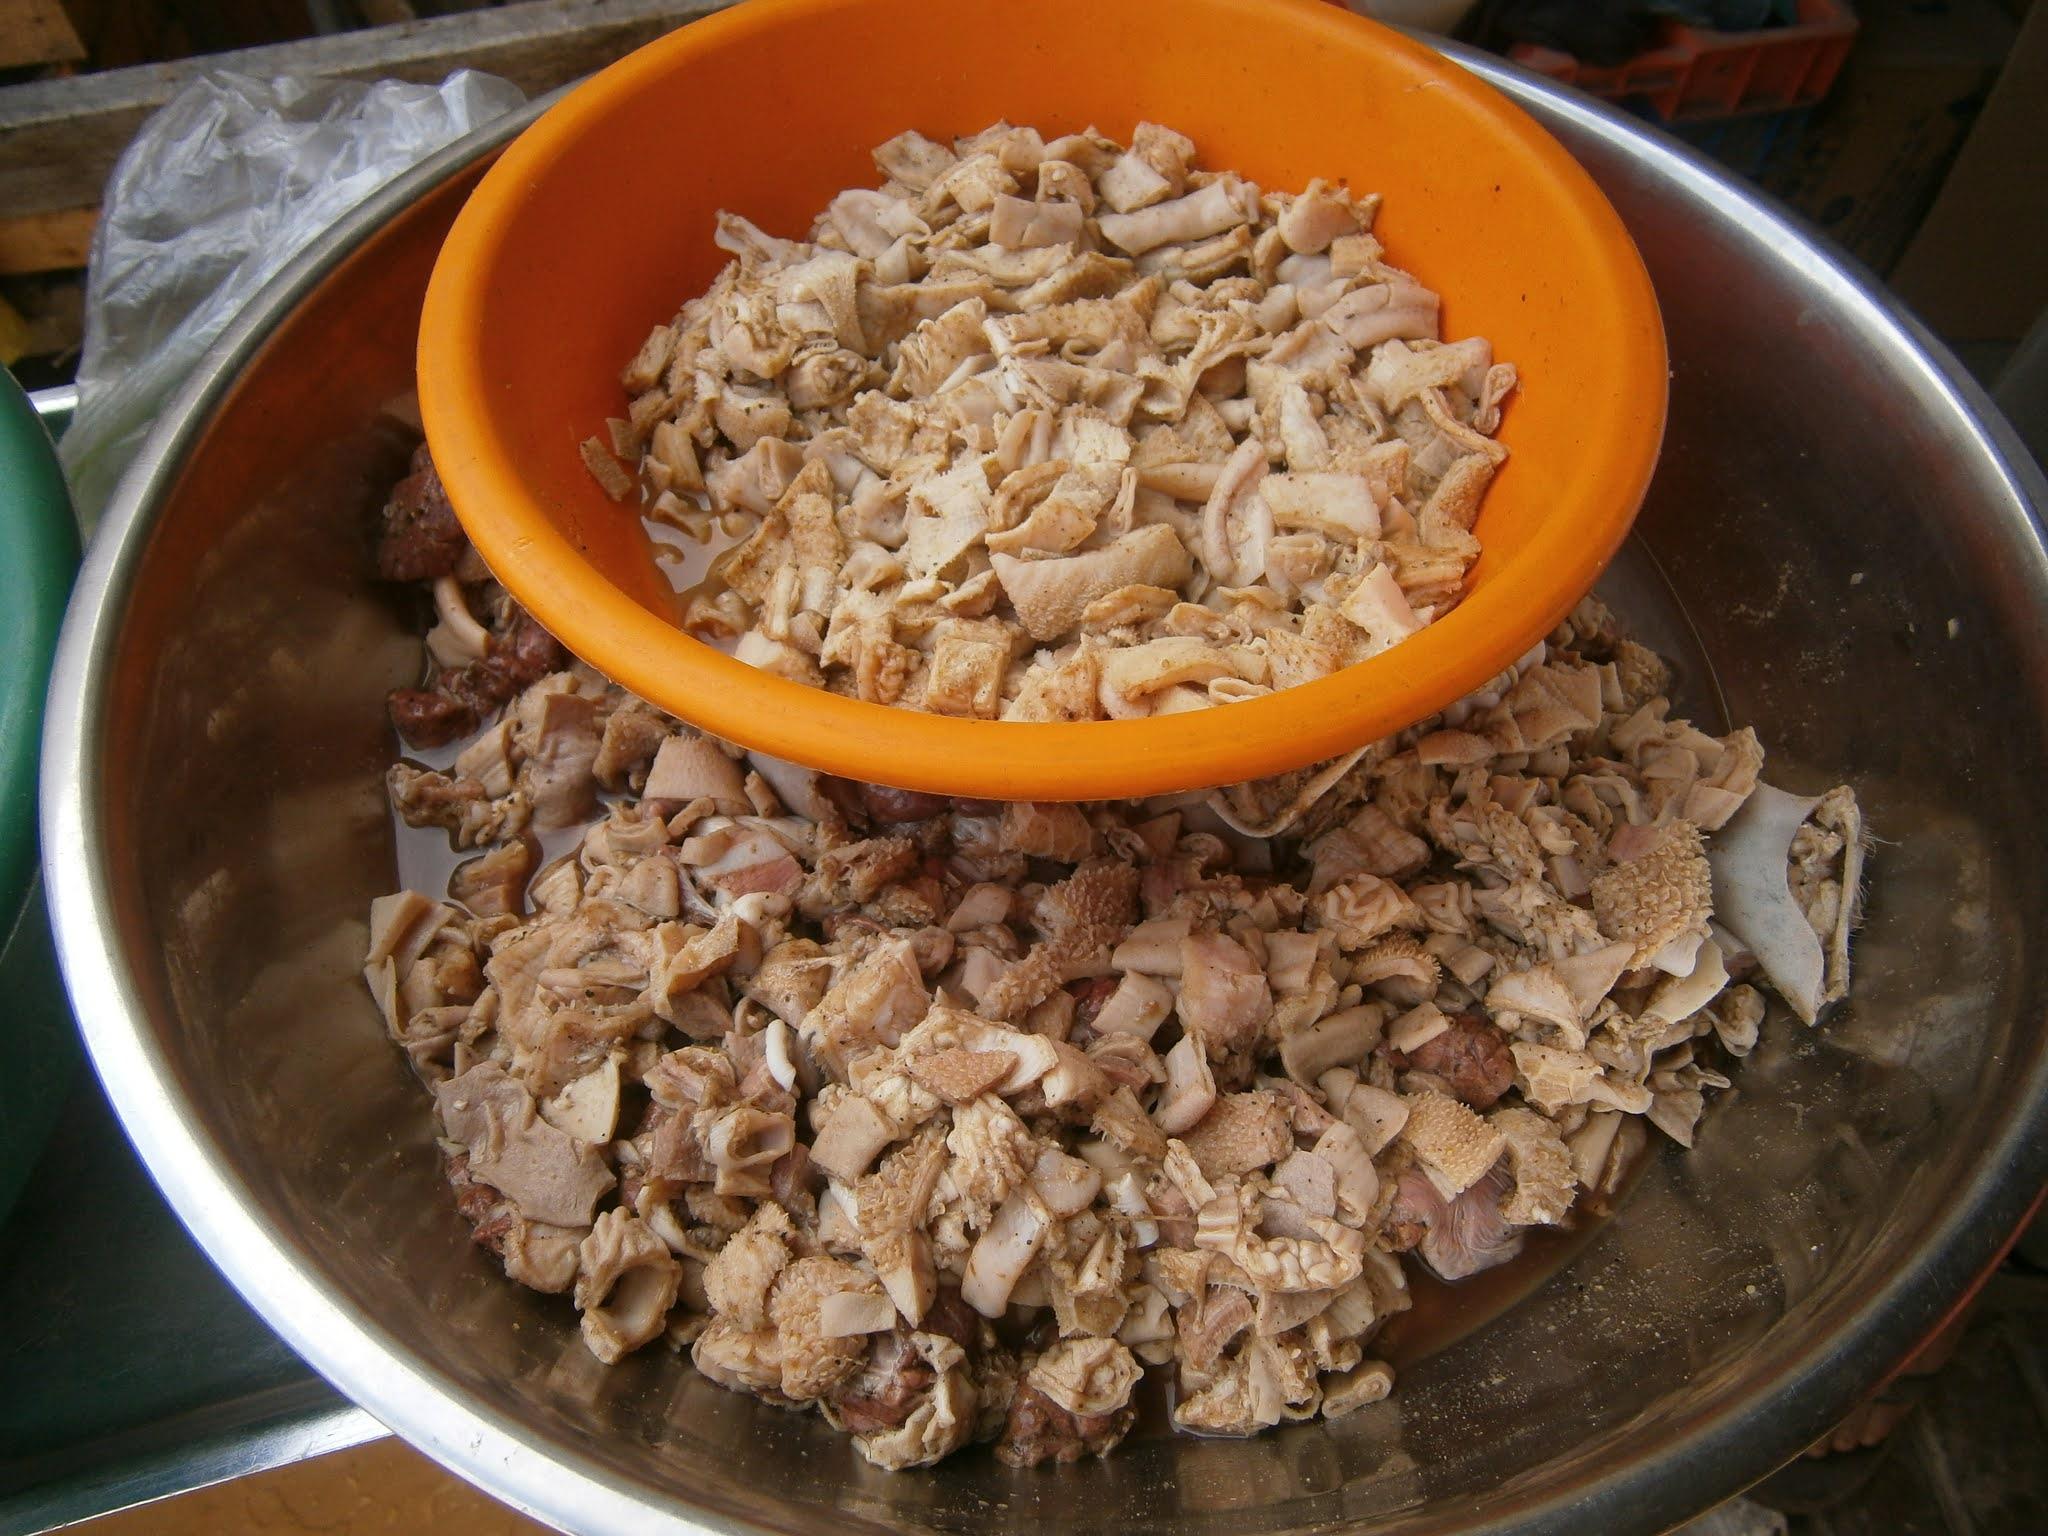 Comida peruana llamada mondonguito sin ser cocinado y picado